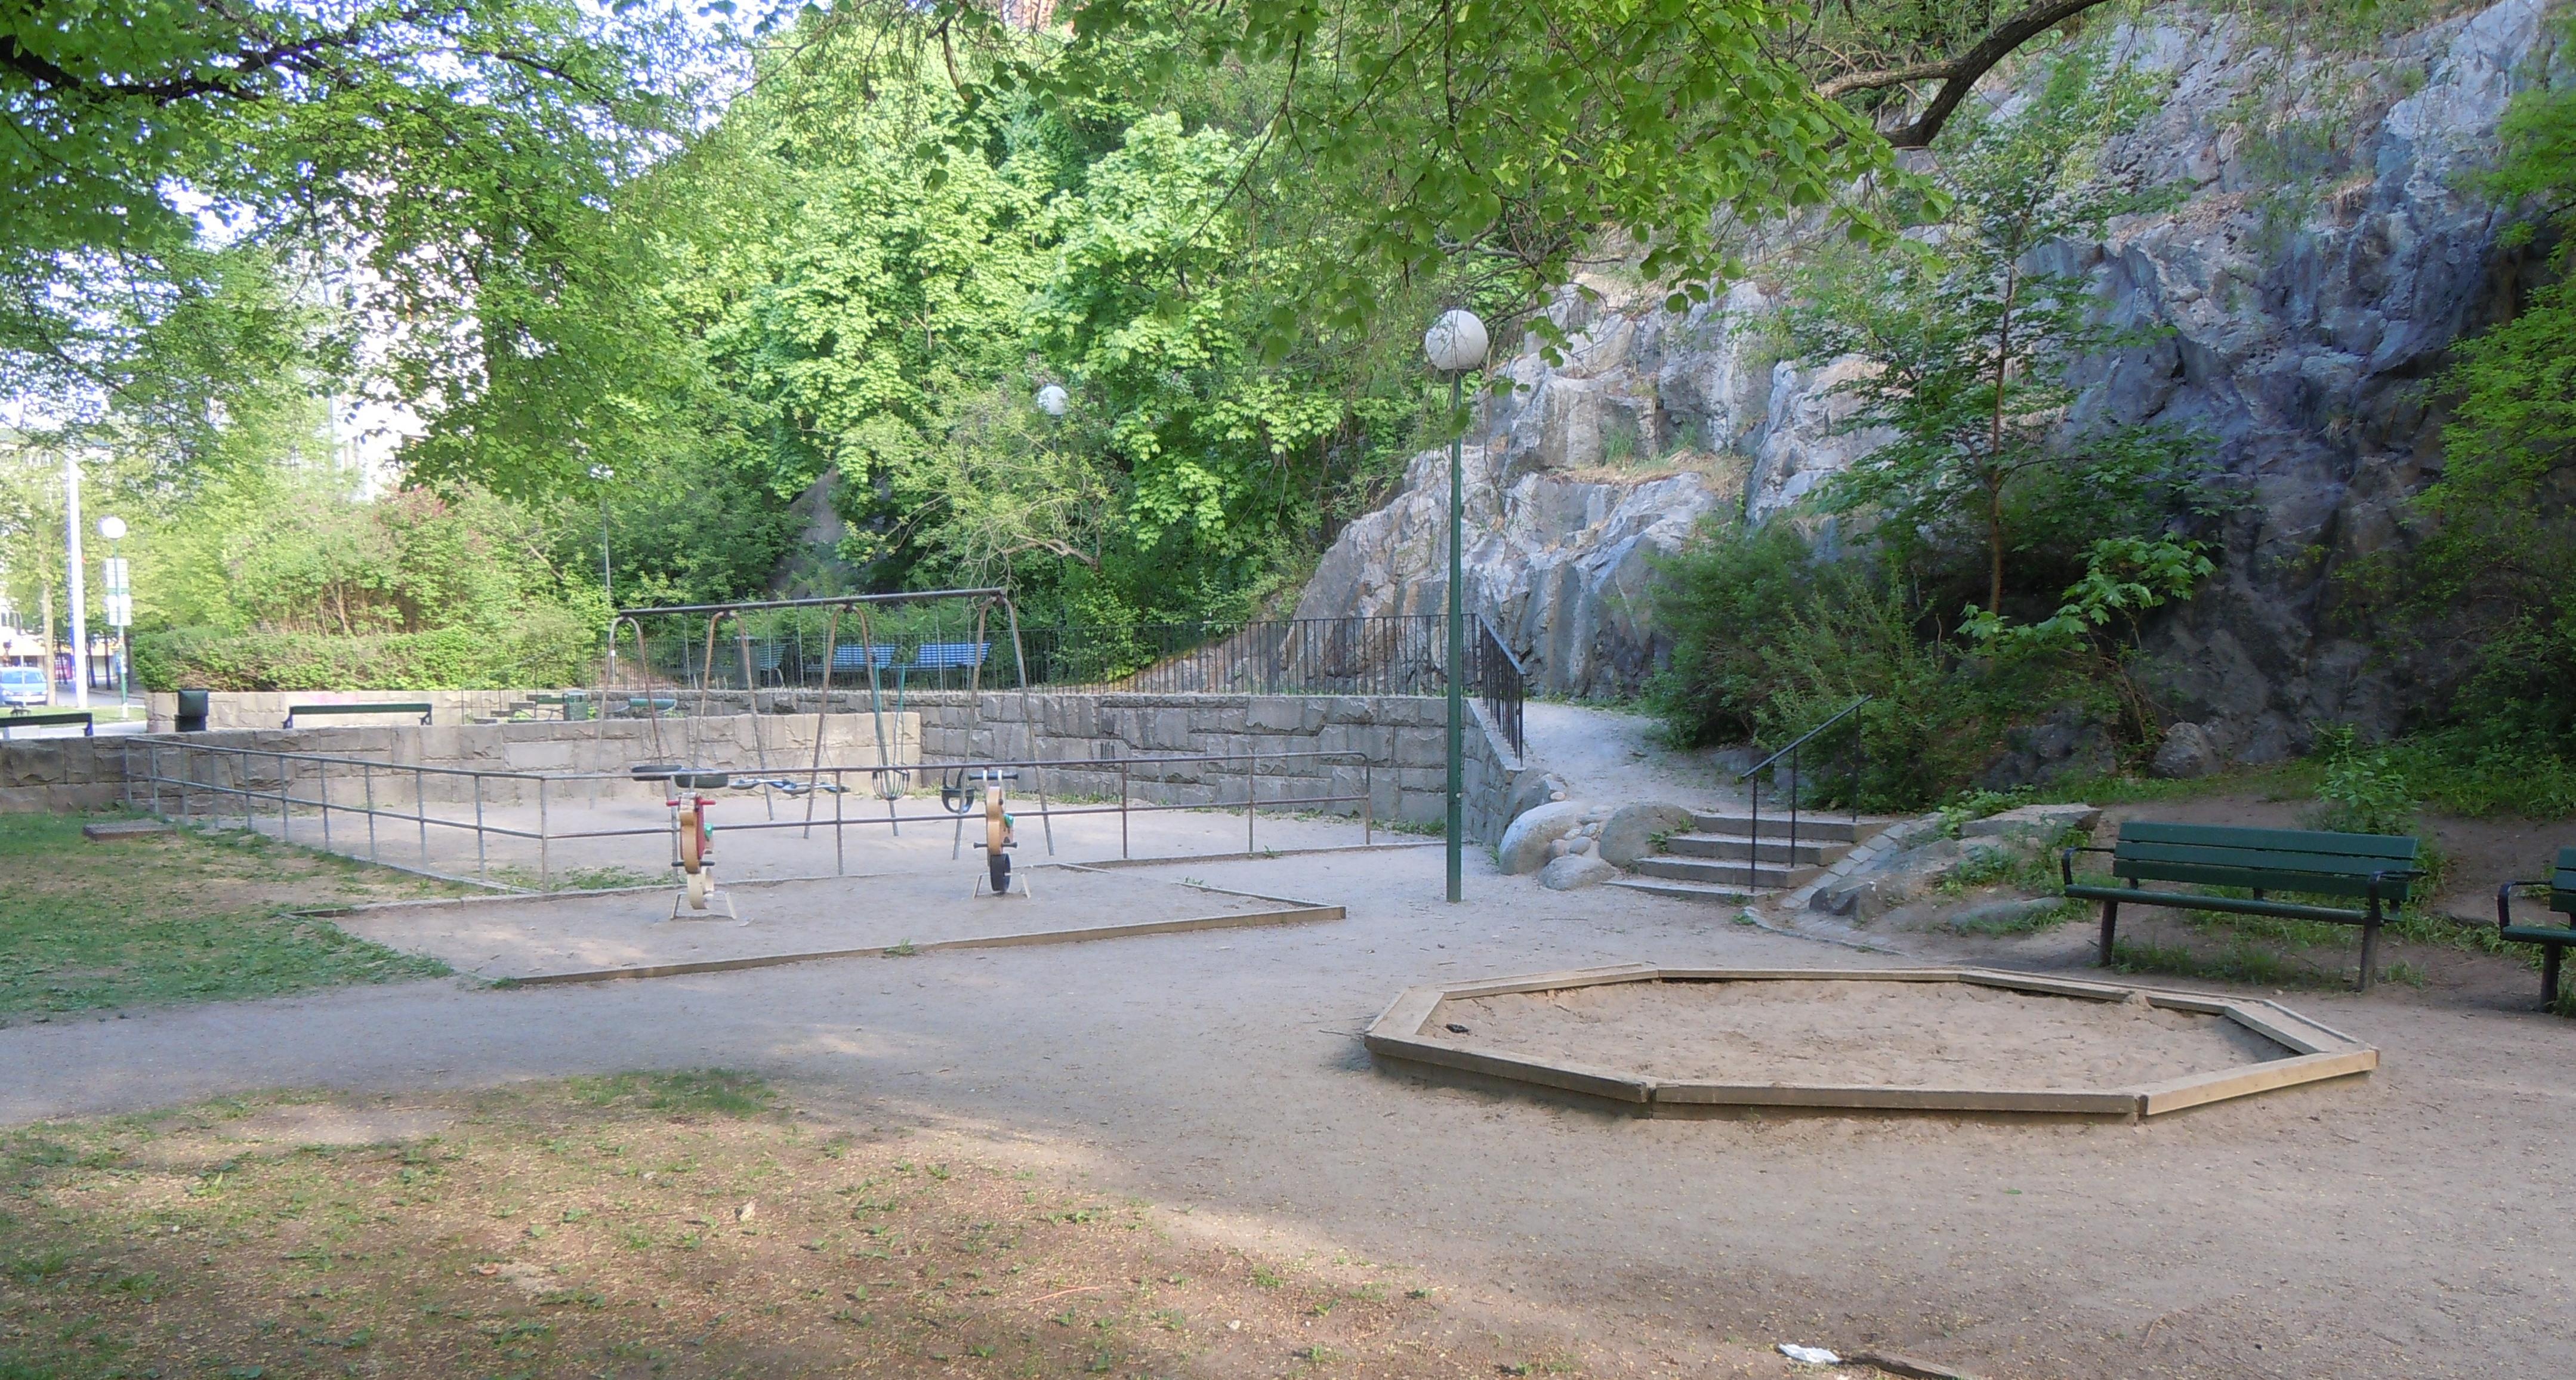 Stigbergsparken